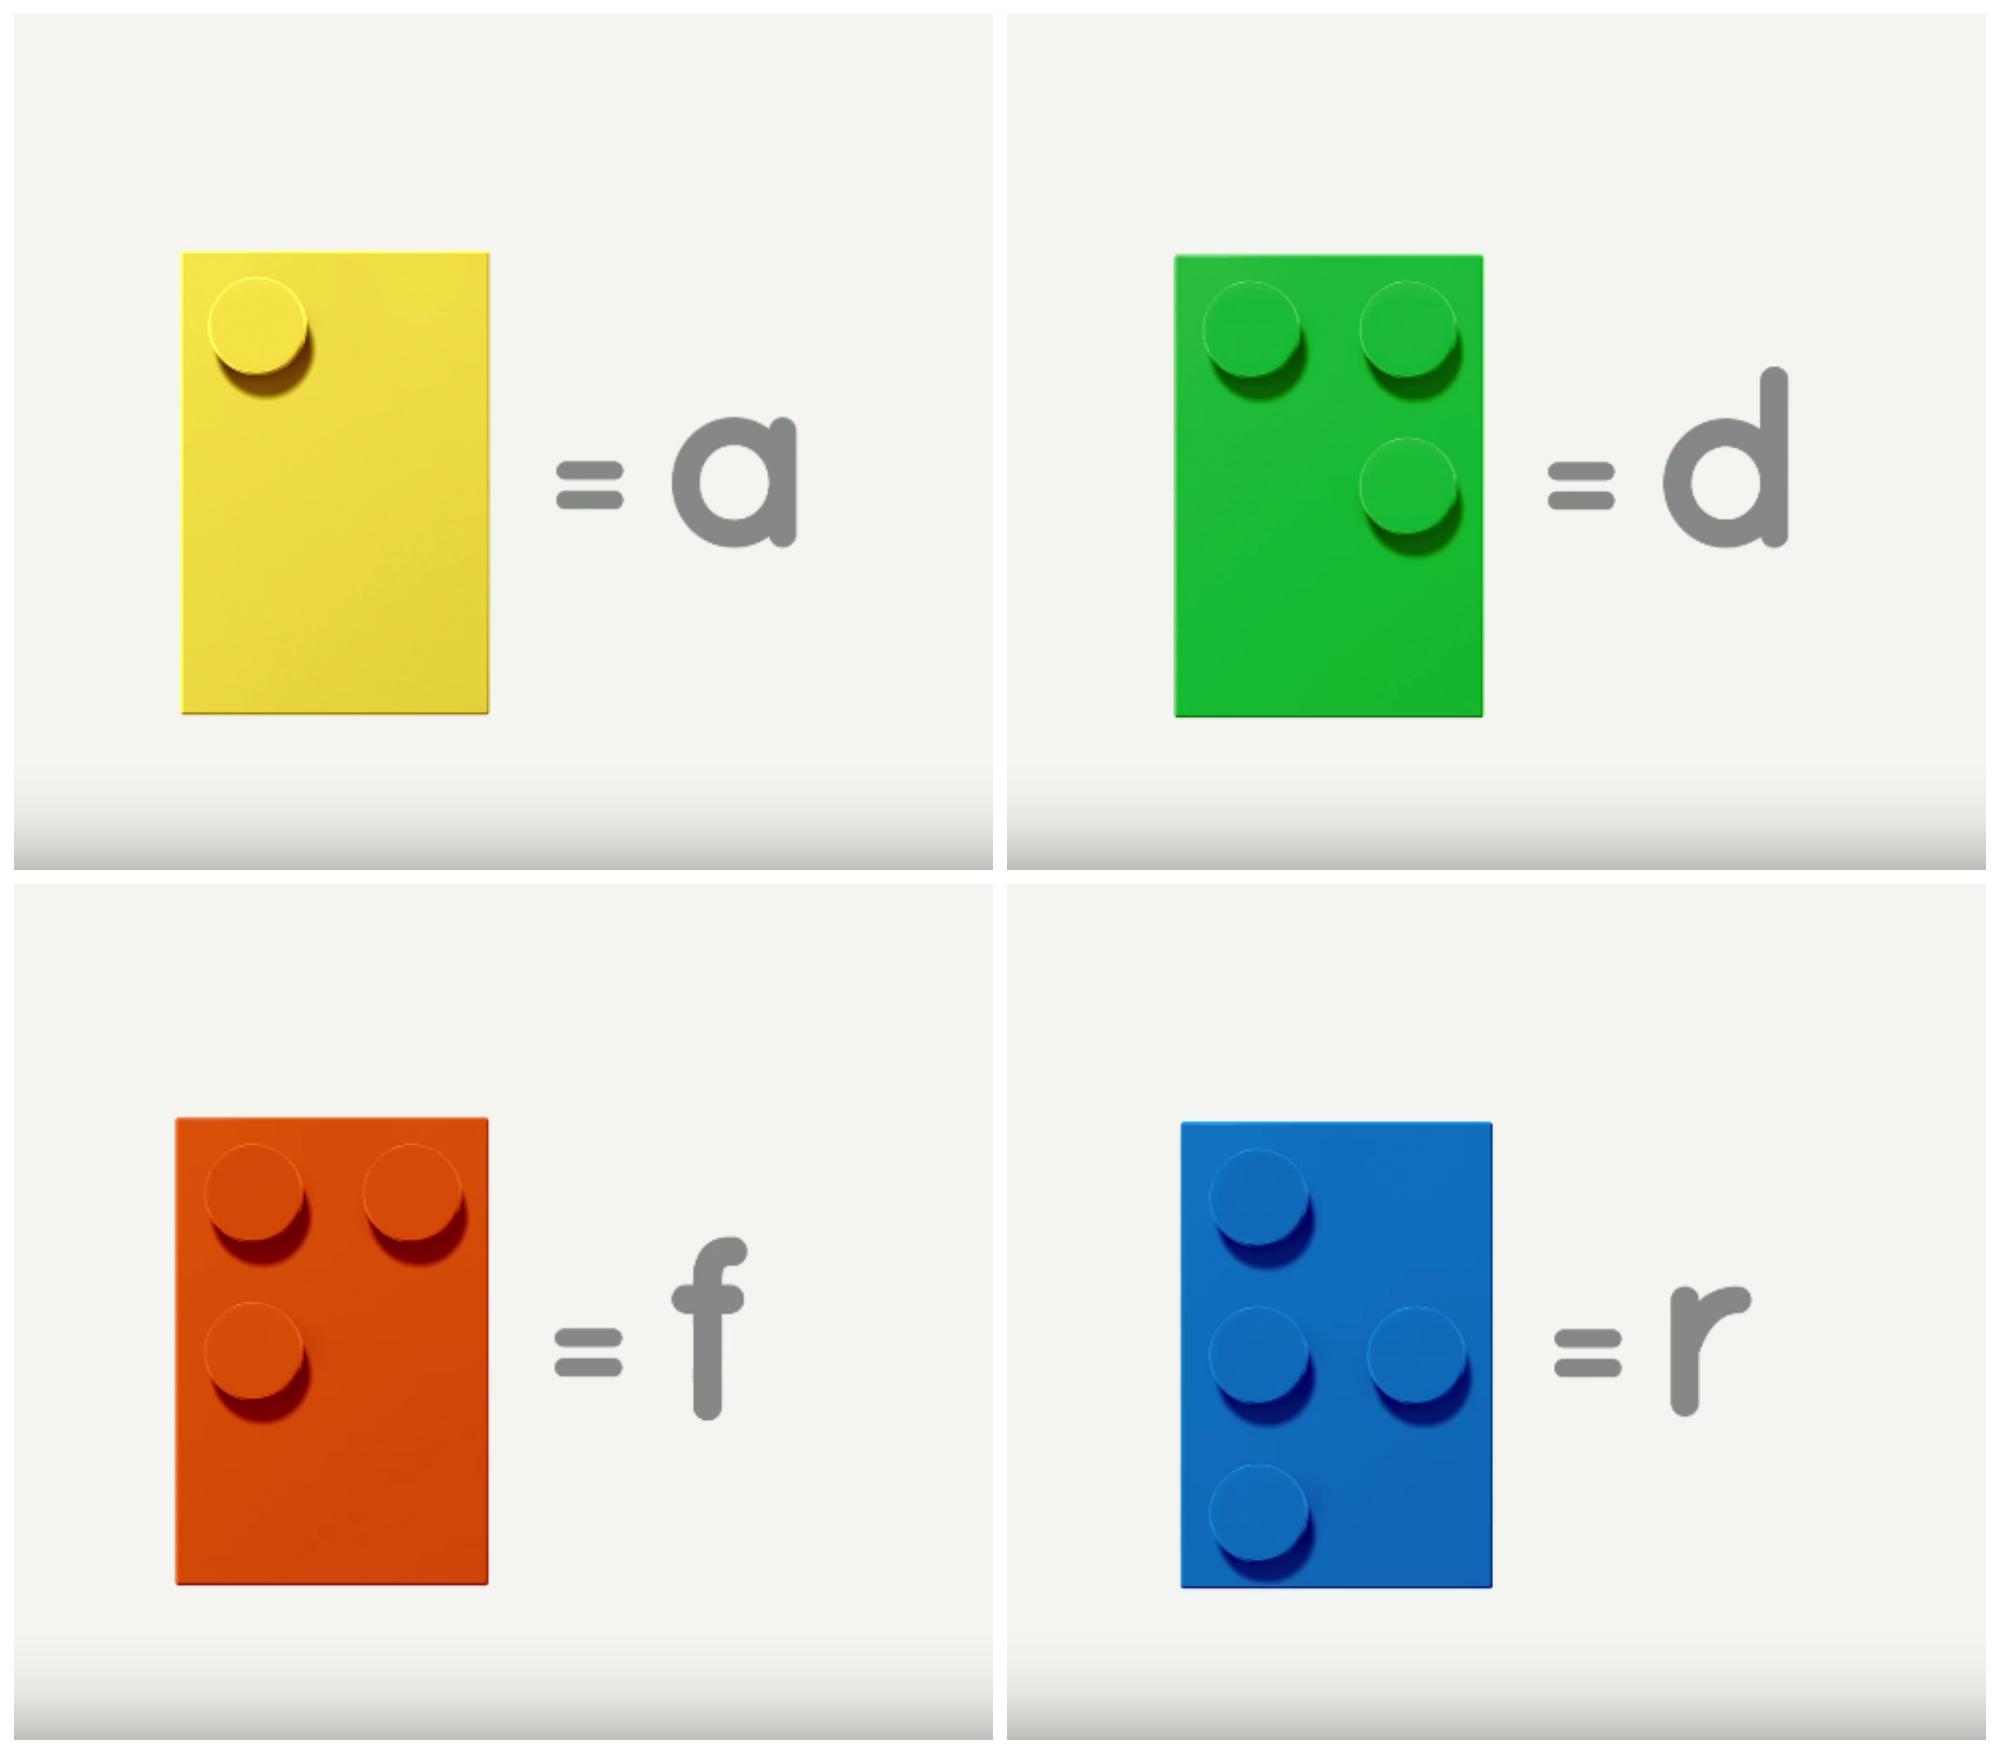 Bloques De Lego Convertidos En Una Herramienta Educativa